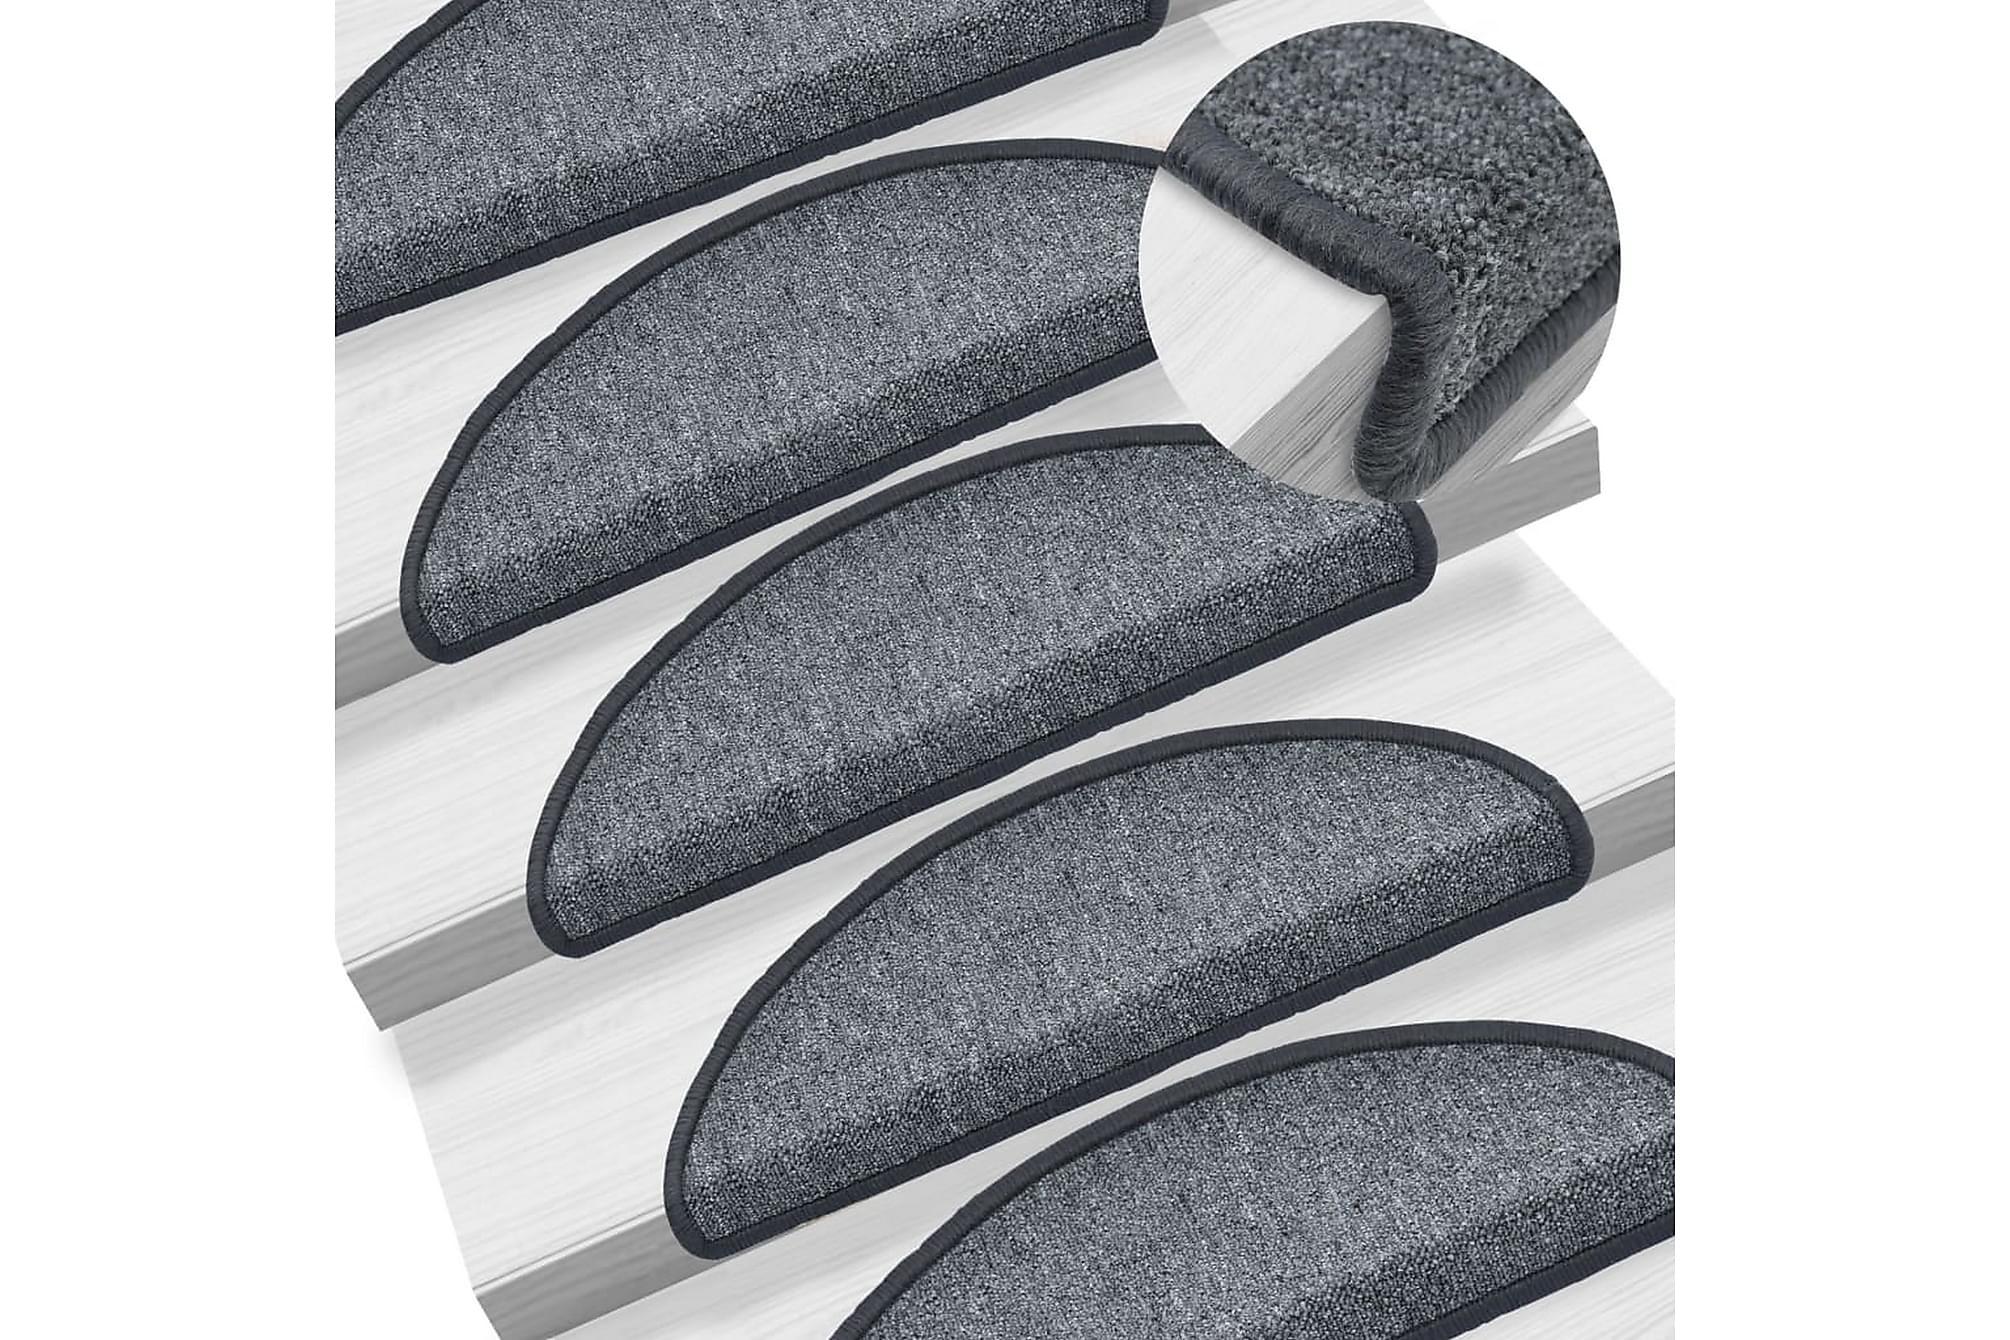 15 st Trappstegsmattor mörkgrå 65x24x4 cm, Trappstegsmattor